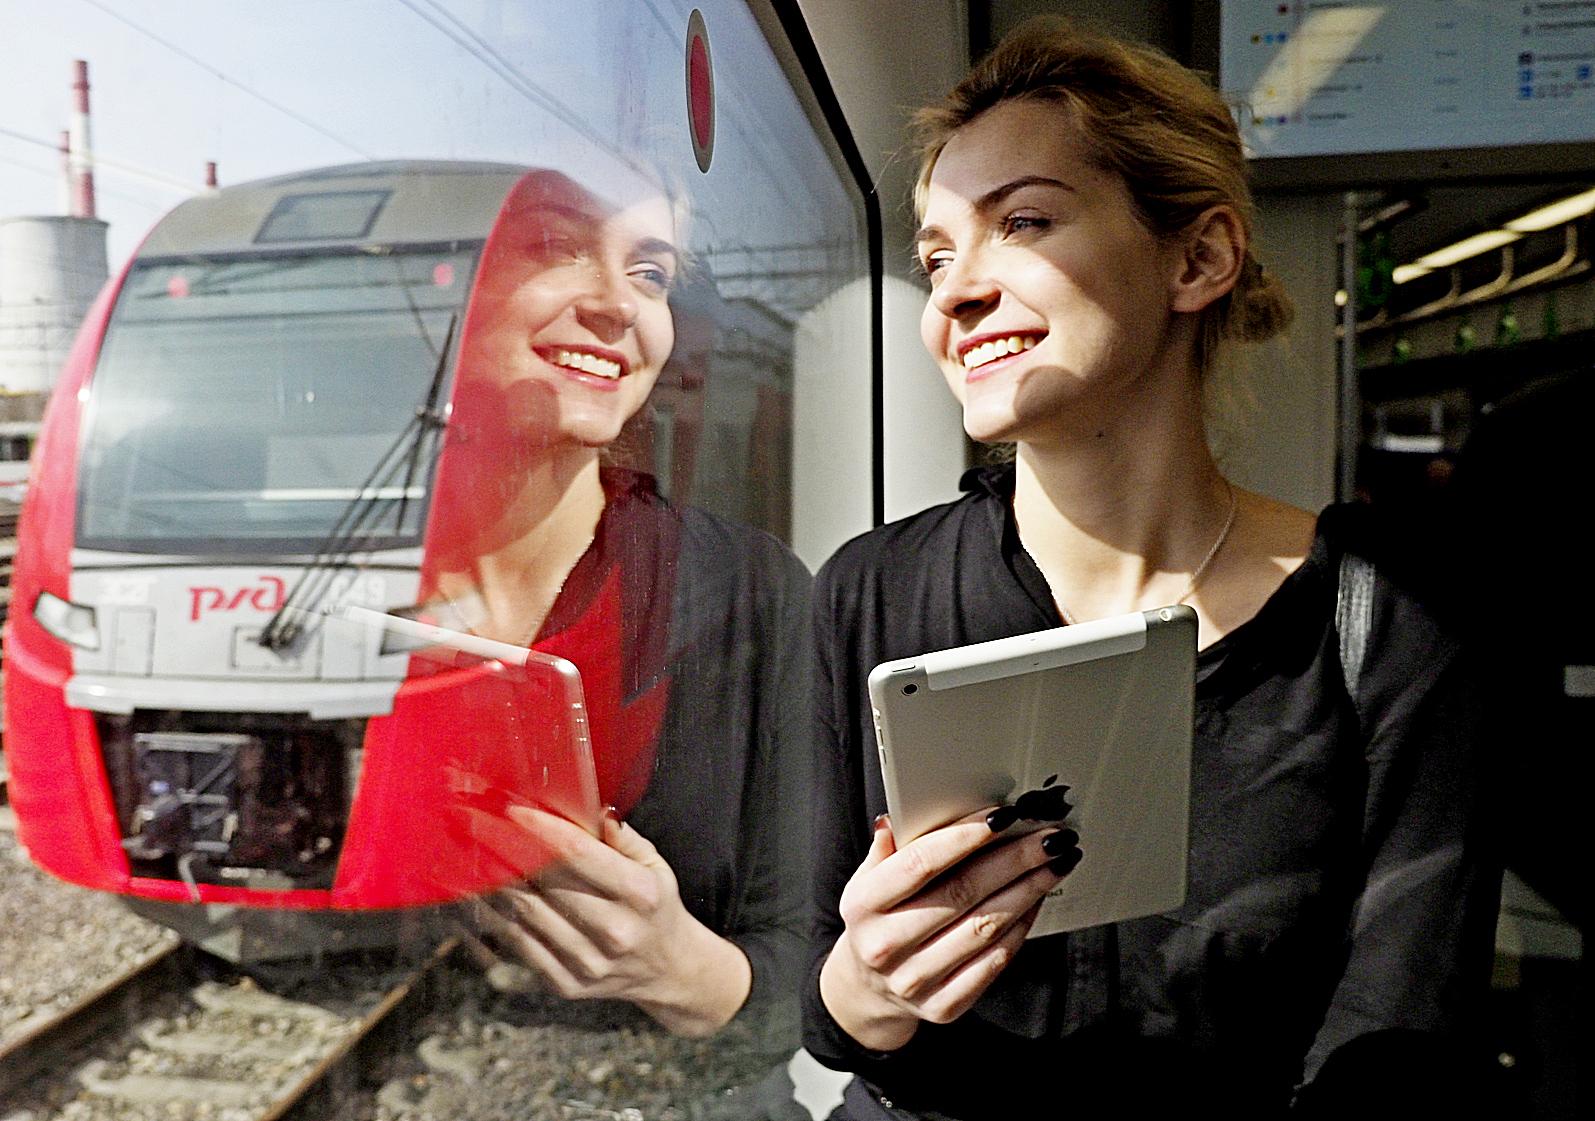 МЦК отметило четырехлетие и перевезло 485 миллионов пассажиров